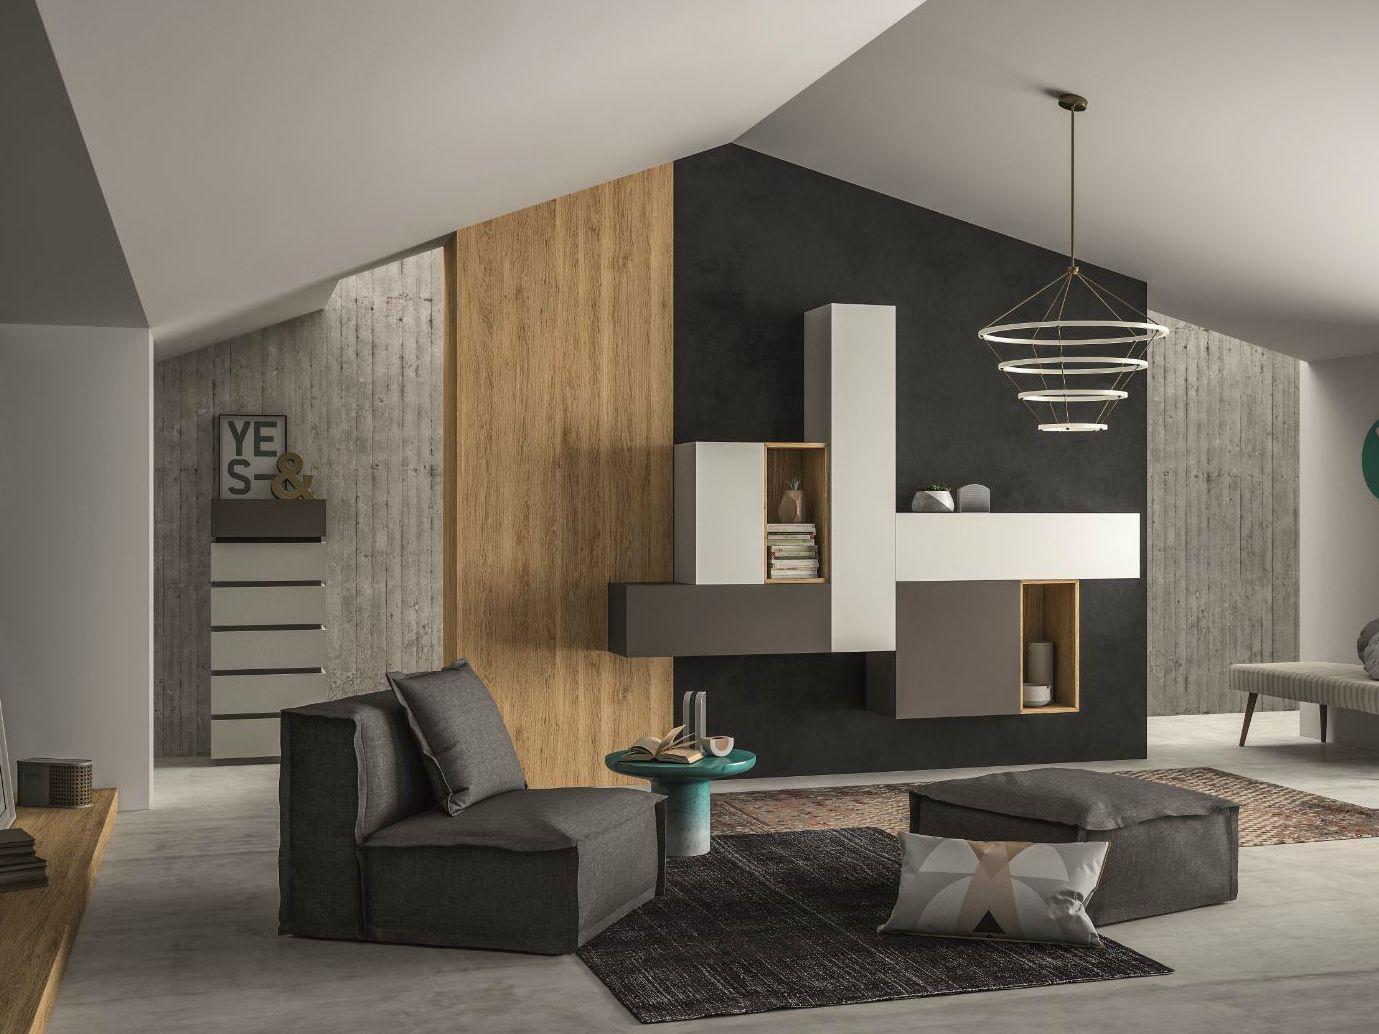 Anbau  wohnwand slim 108 by dall'agnese design imago design ...